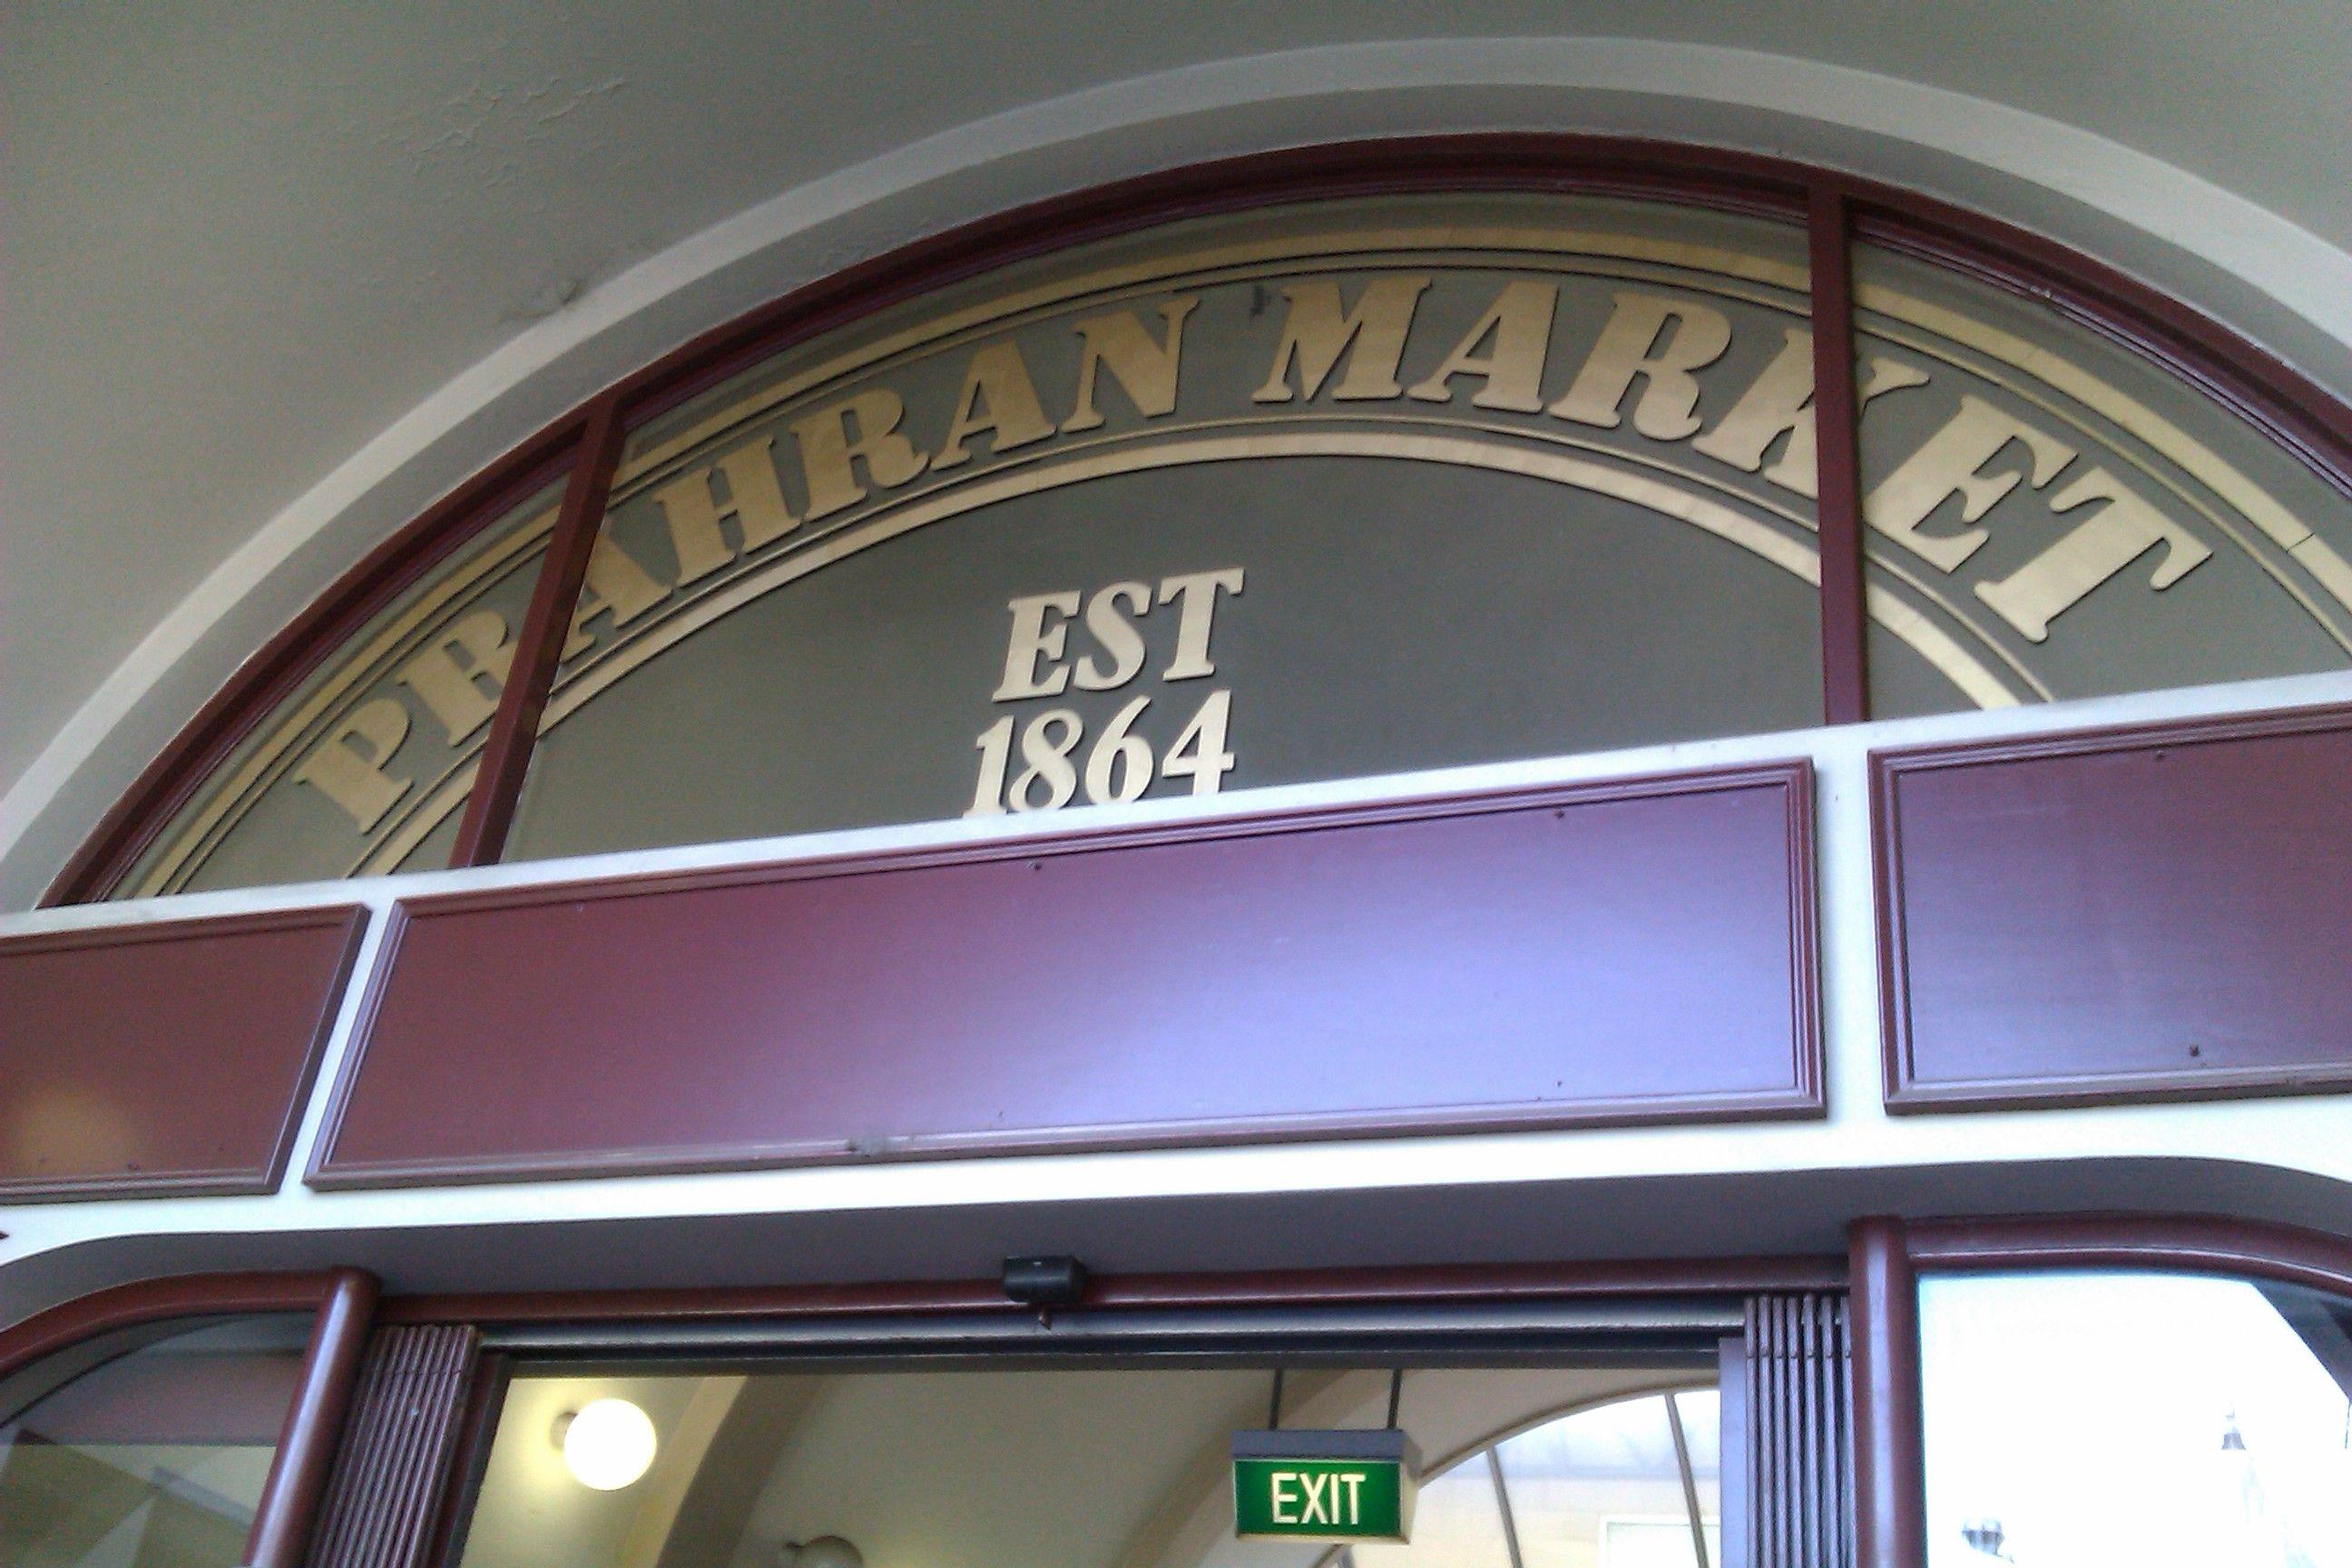 Prahran Market - Melbourne, Australia | Traditional market ...